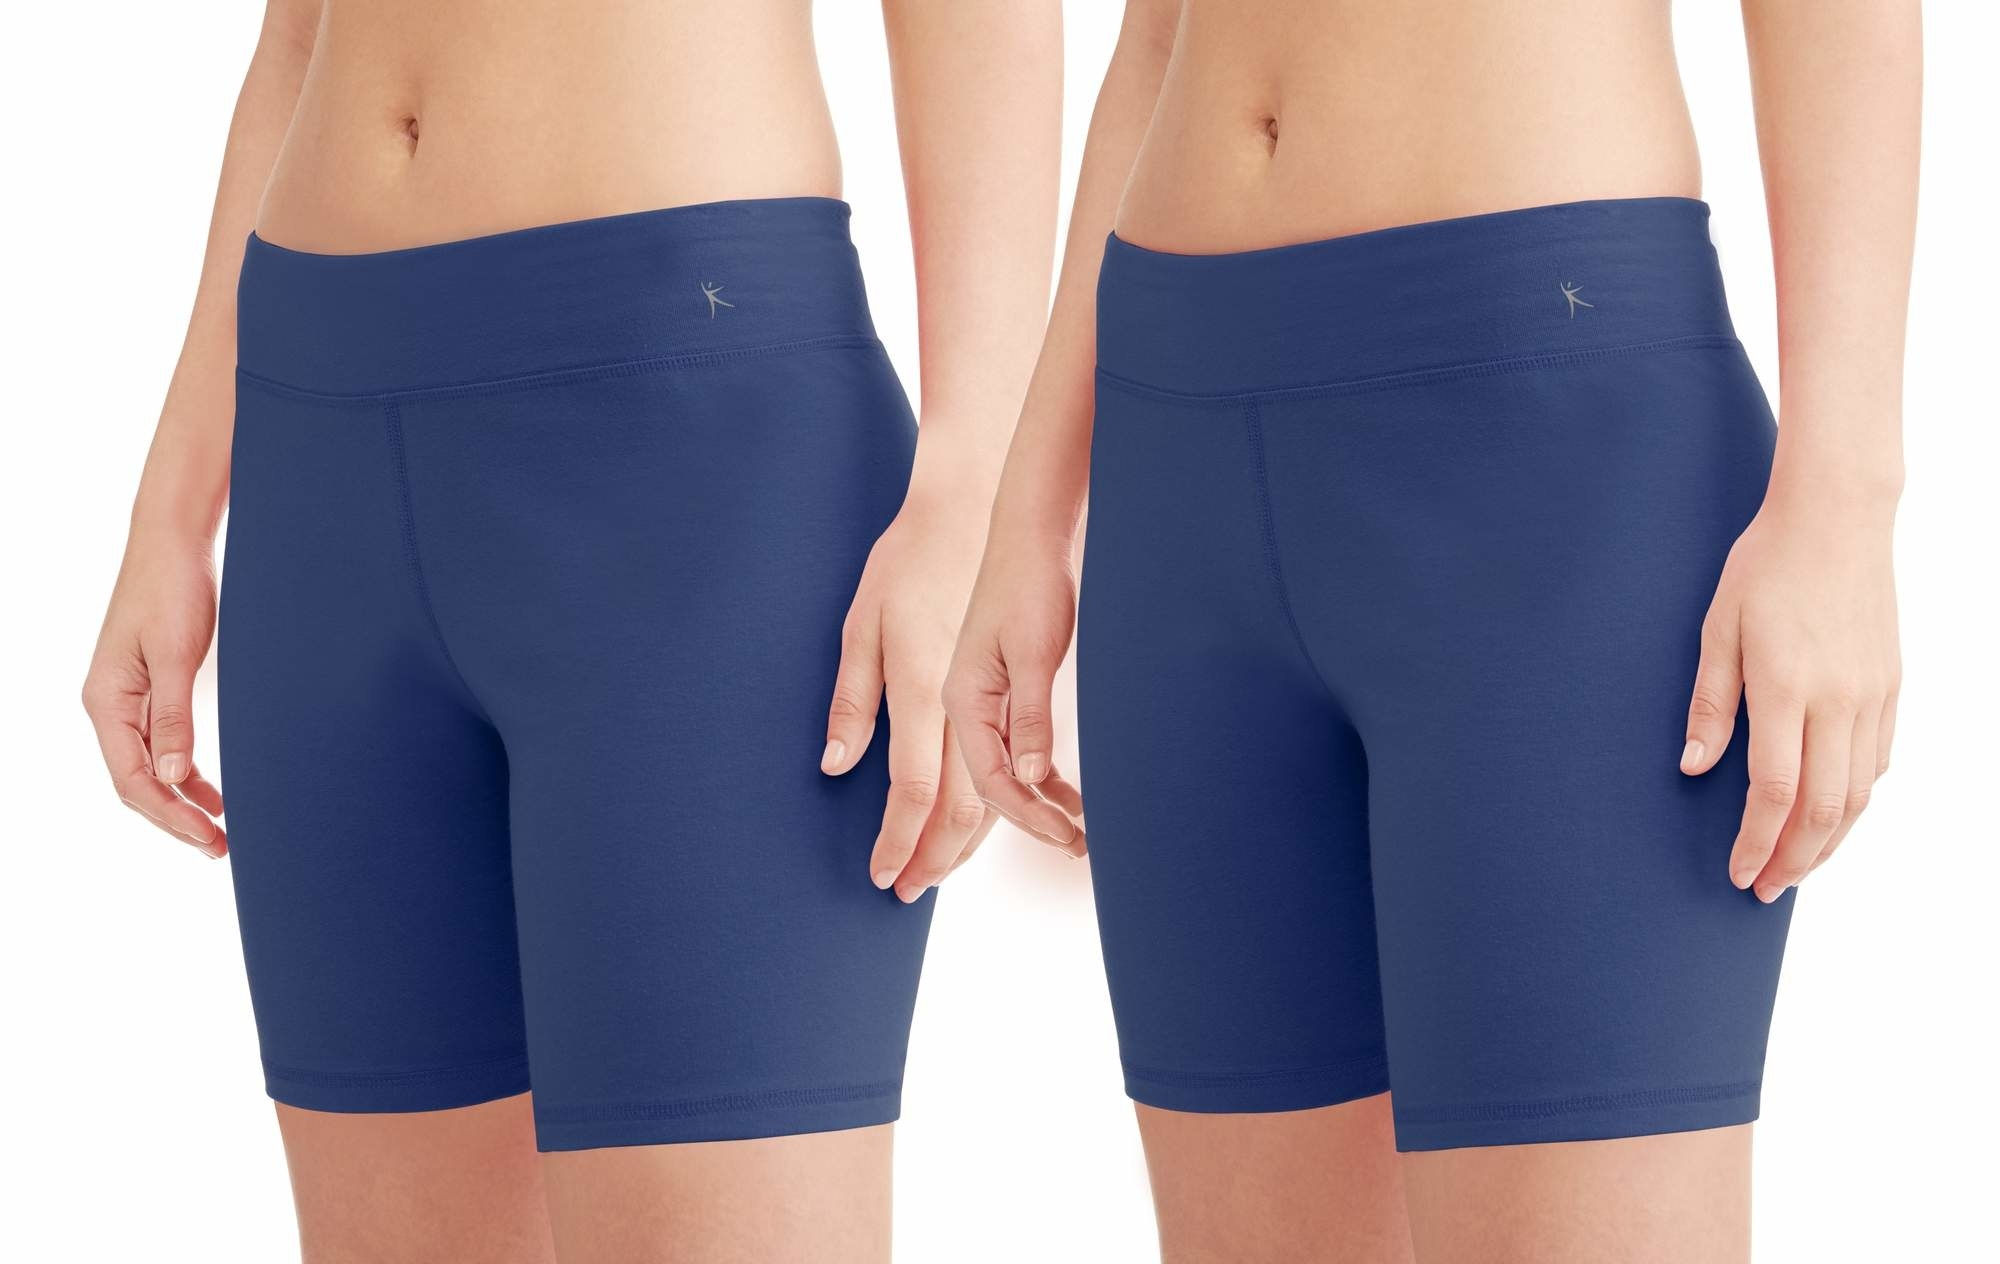 two models wearing dark blue biker shorts